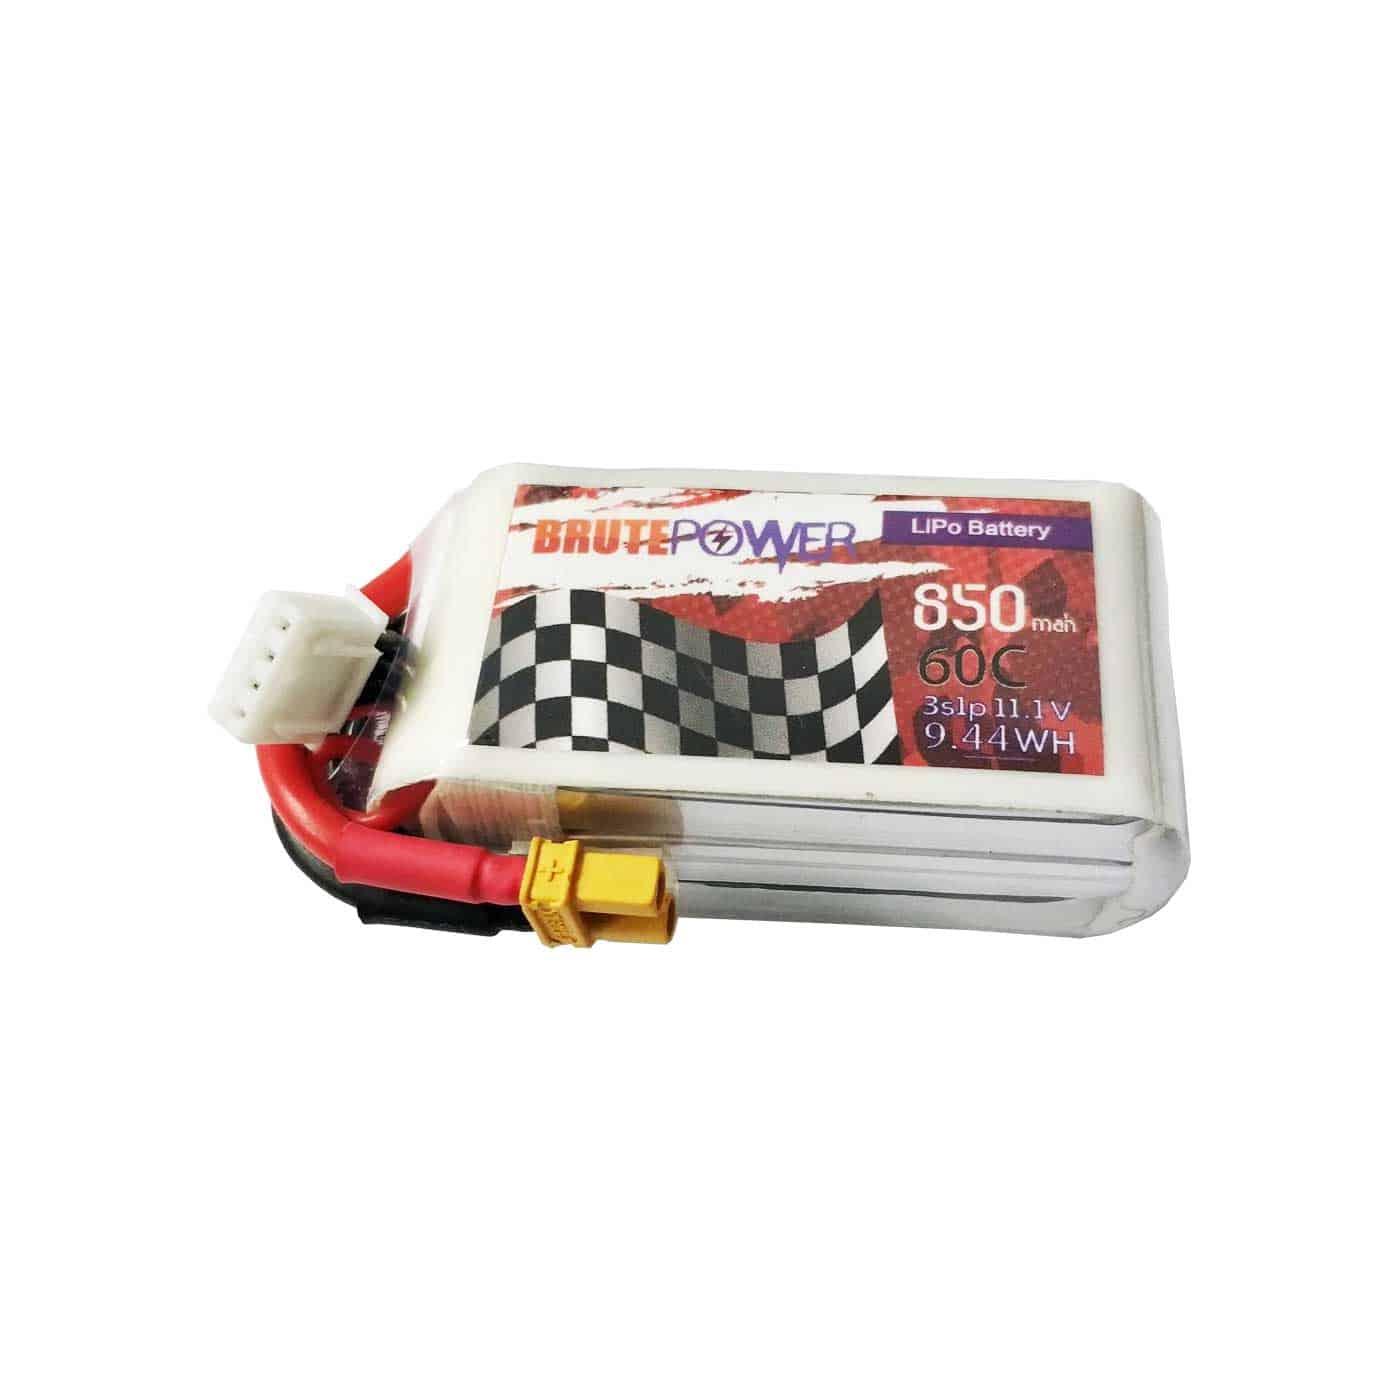 batería lipo 3s 850mah 60c